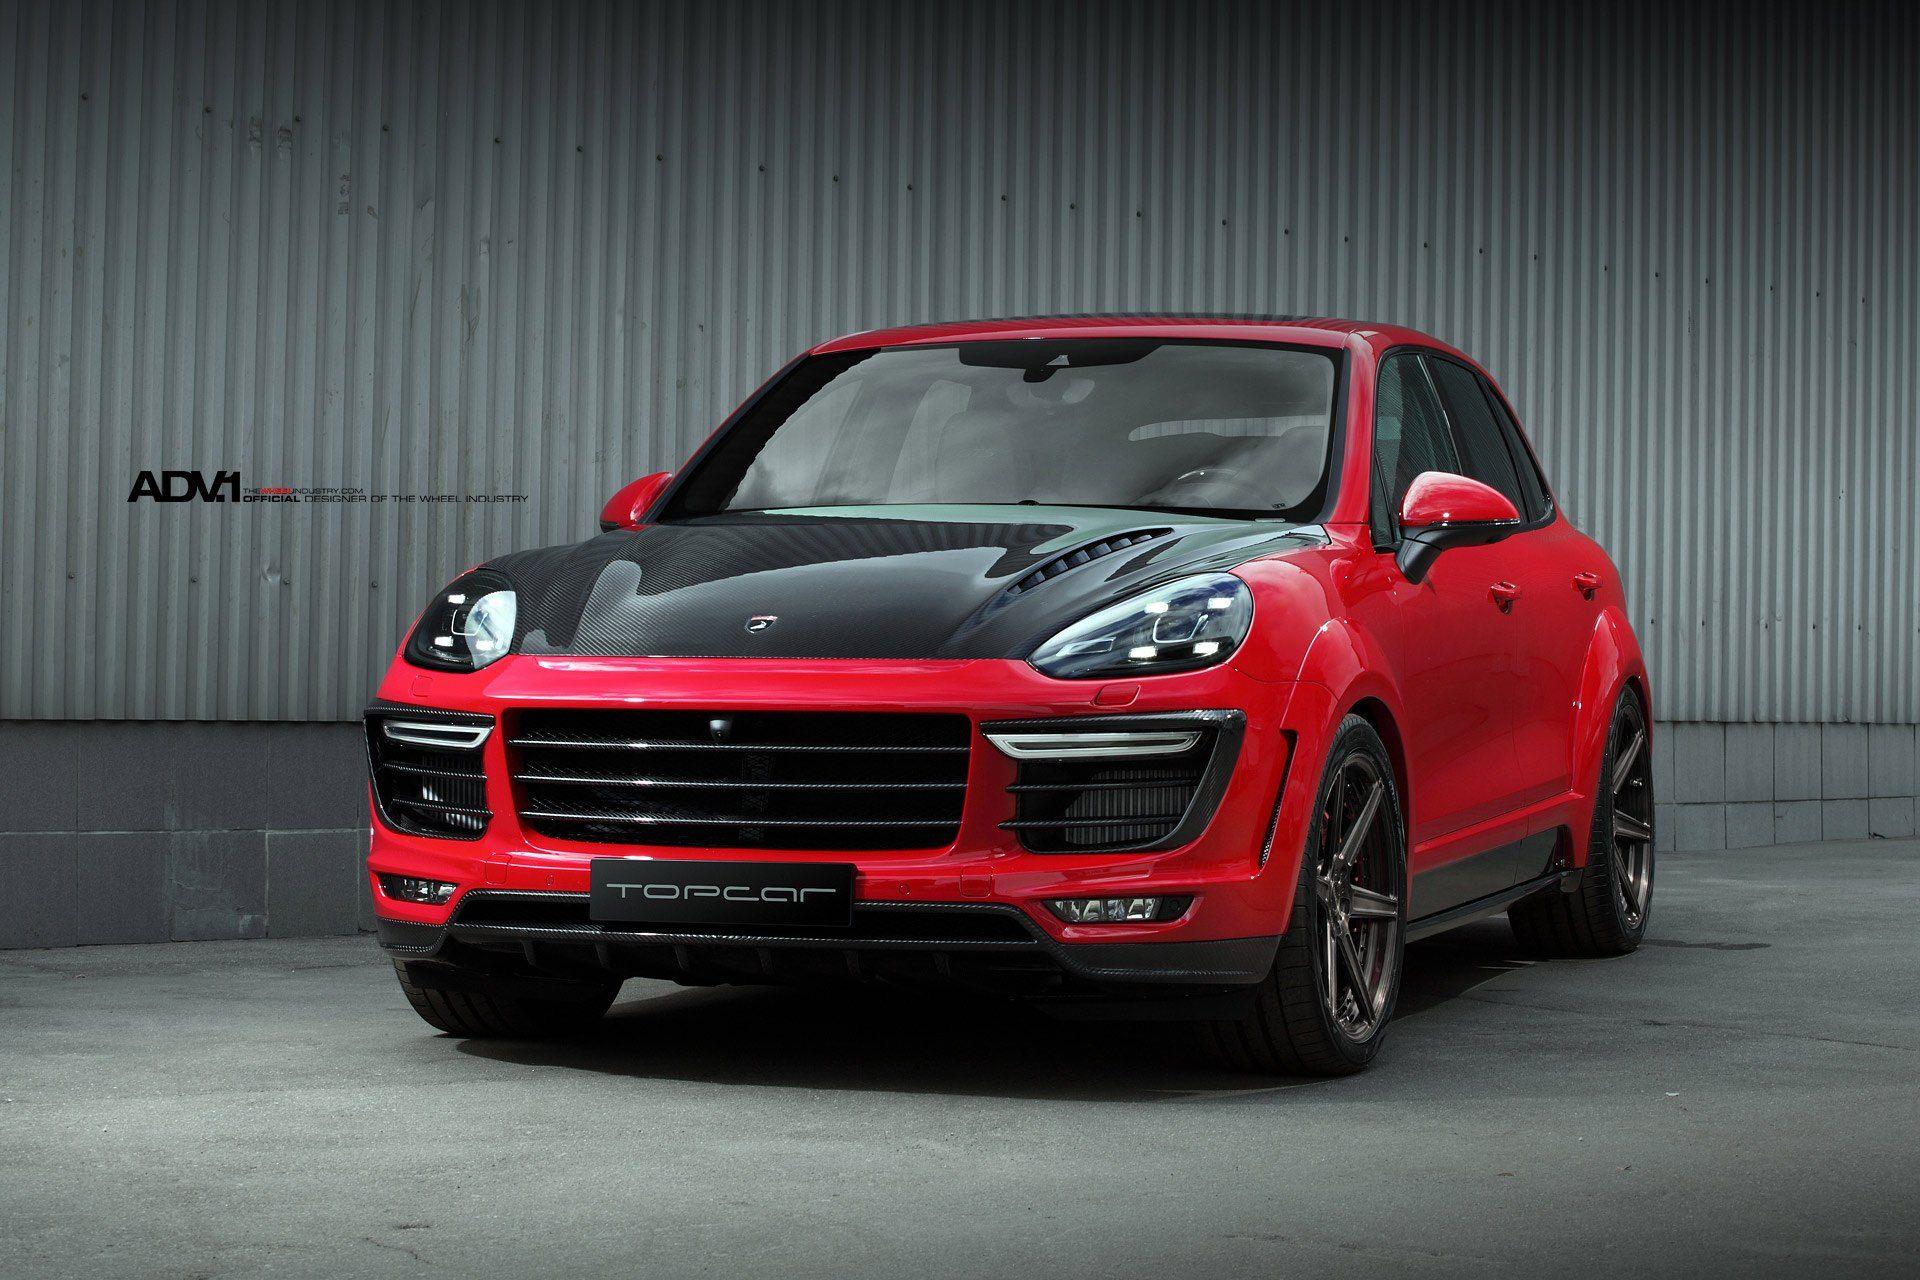 Topcar Gives Red Porsche Cayenne Unforgettable Look With Carbon Fiber Hood Porsche Porsche Cayenne Porsche Wheels